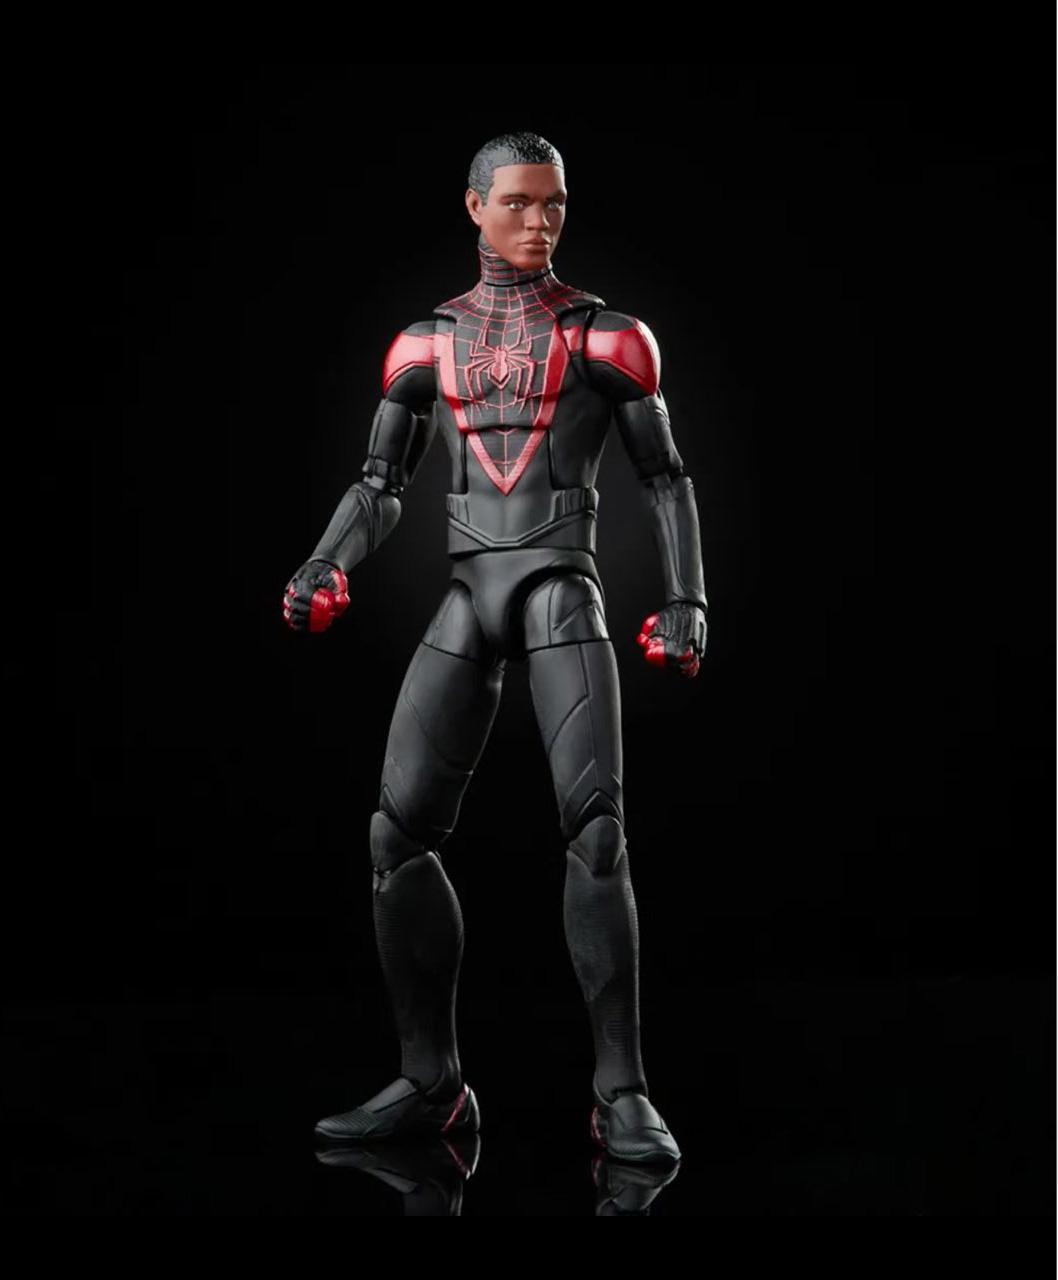 マーベルレジェンド スパイダーマン(『Marvel's Spider-Man: Miles Morales』)